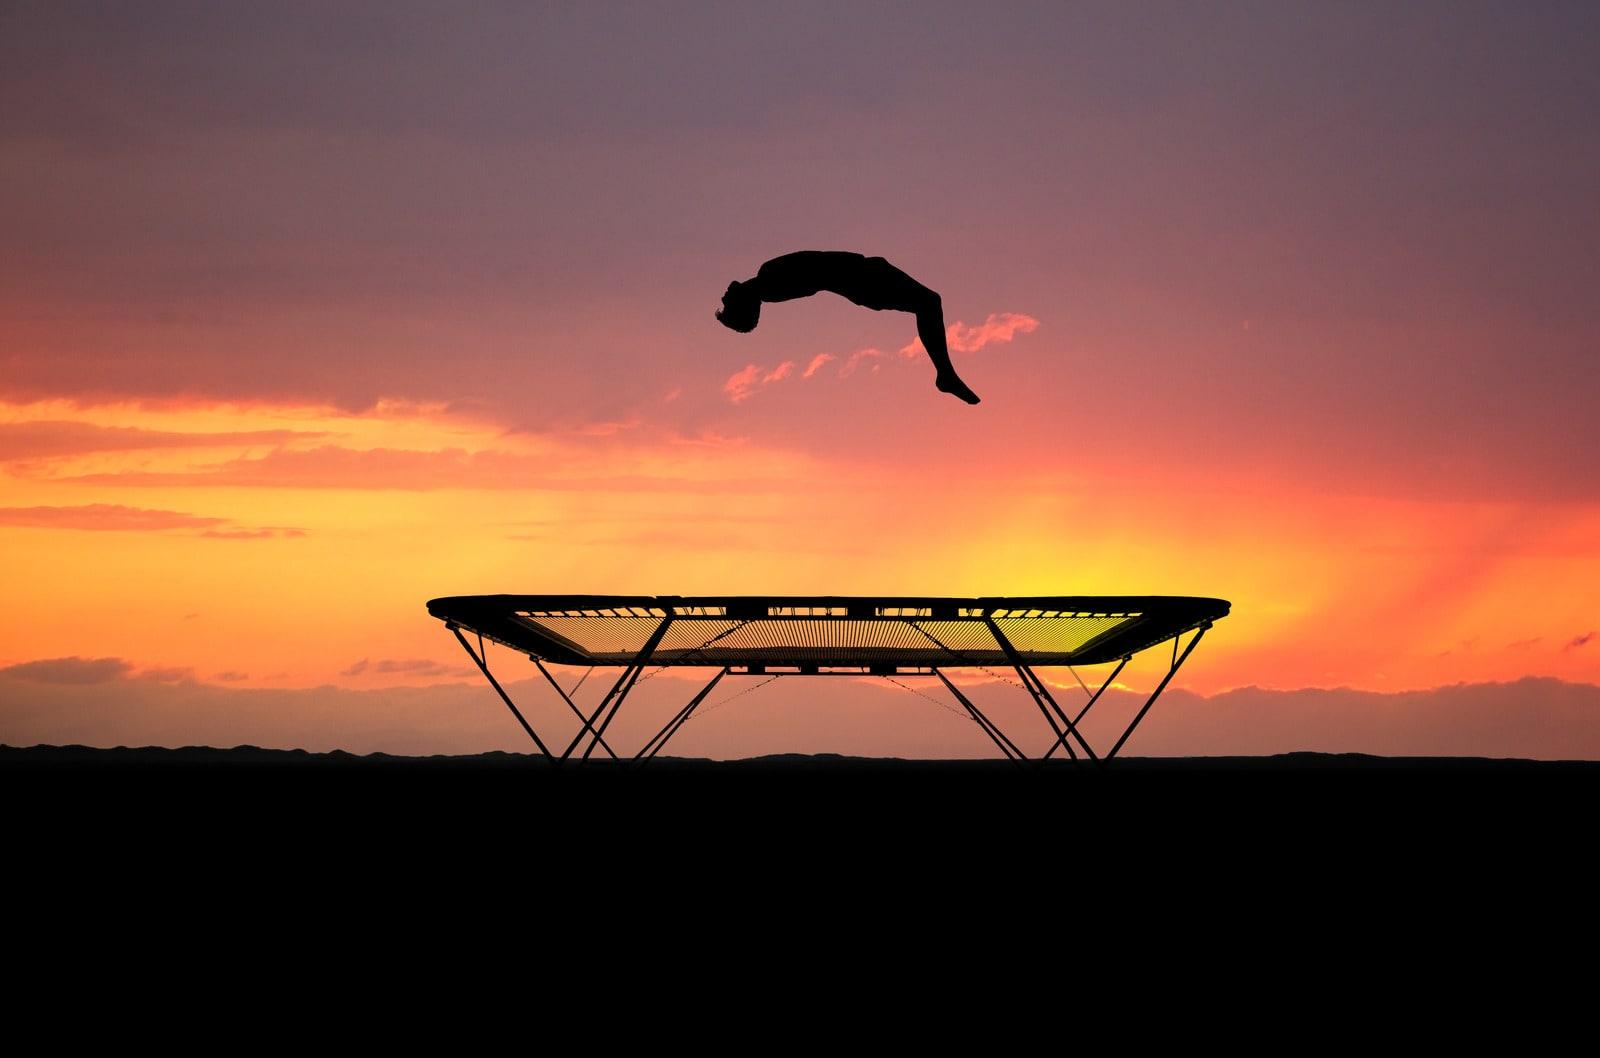 Hopping på trampoline